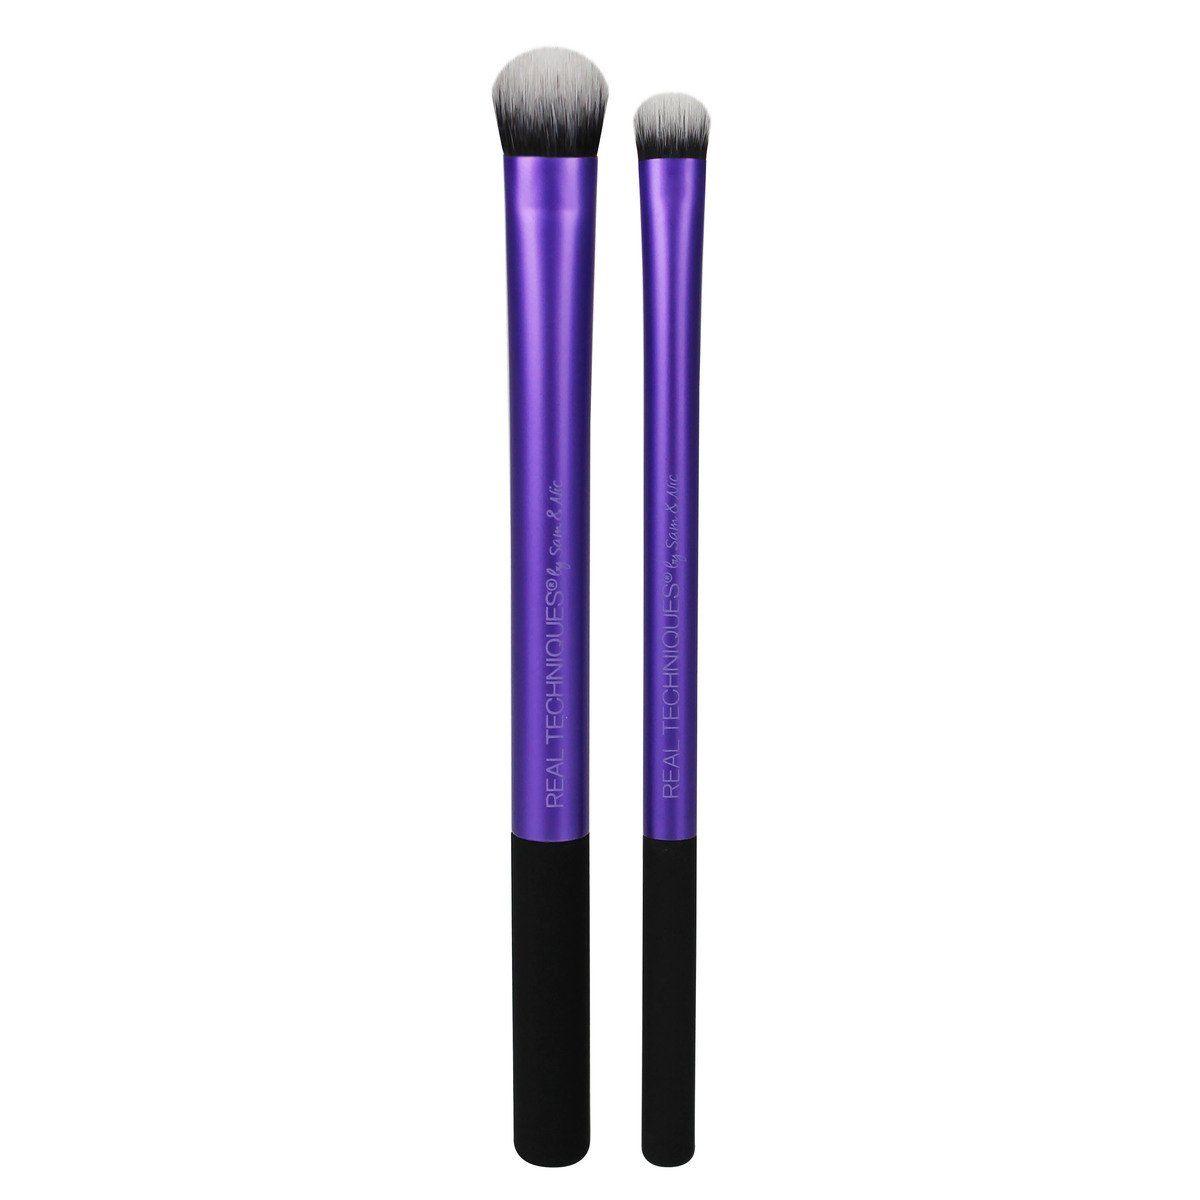 Instapop eye duo eye brushes eye makeup brushes real